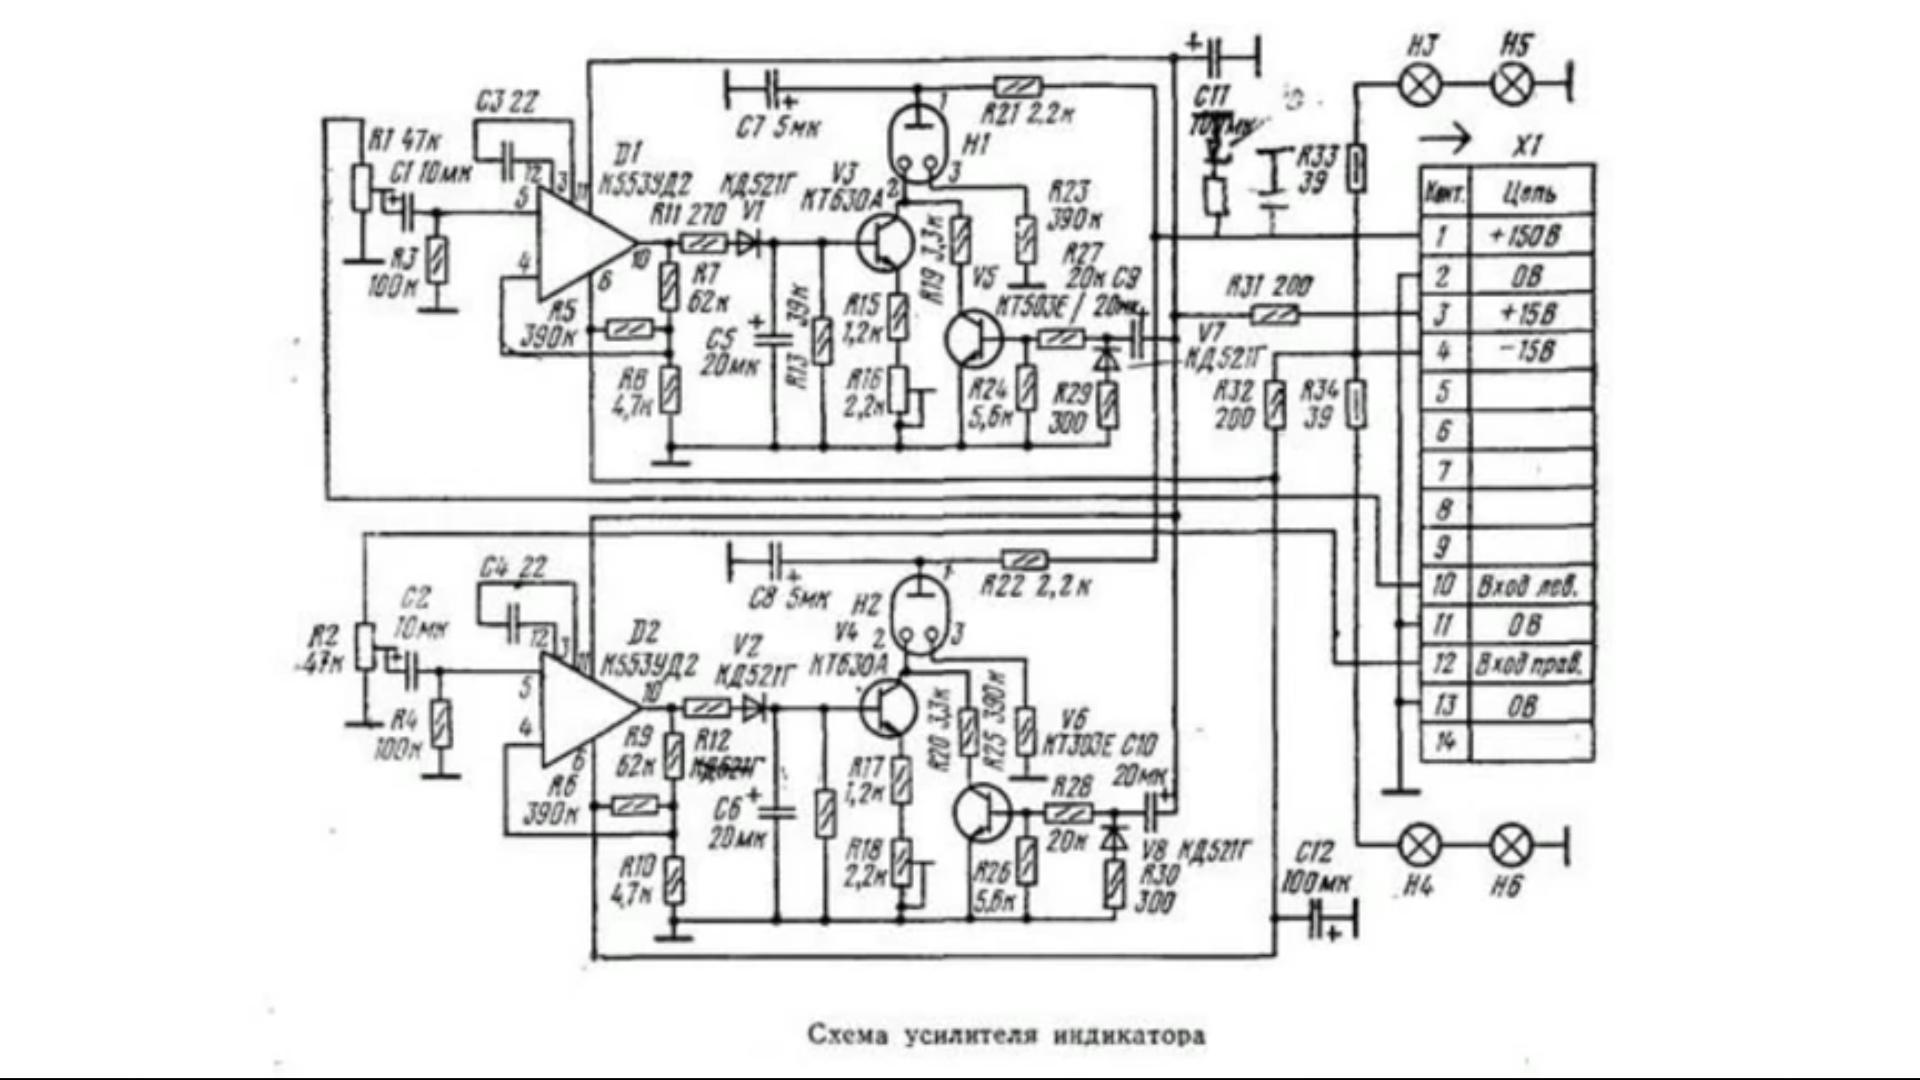 vu-meter schaltung